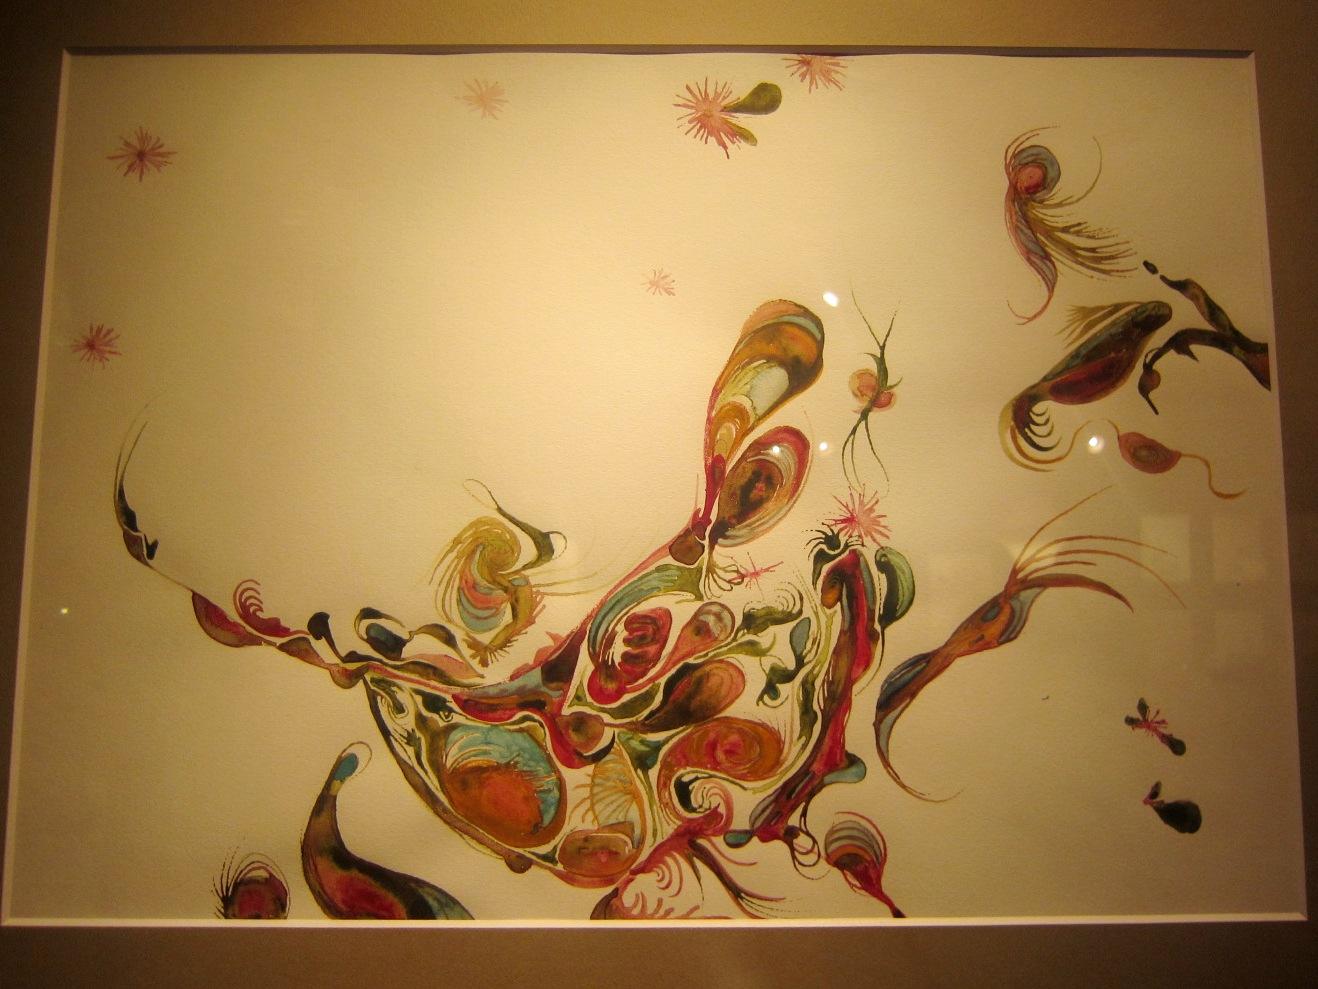 1964)「内山睦 展 『幻想植物譜』」 カフェエスキス 2月14日(木)~3月12日(火)_f0126829_983716.jpg